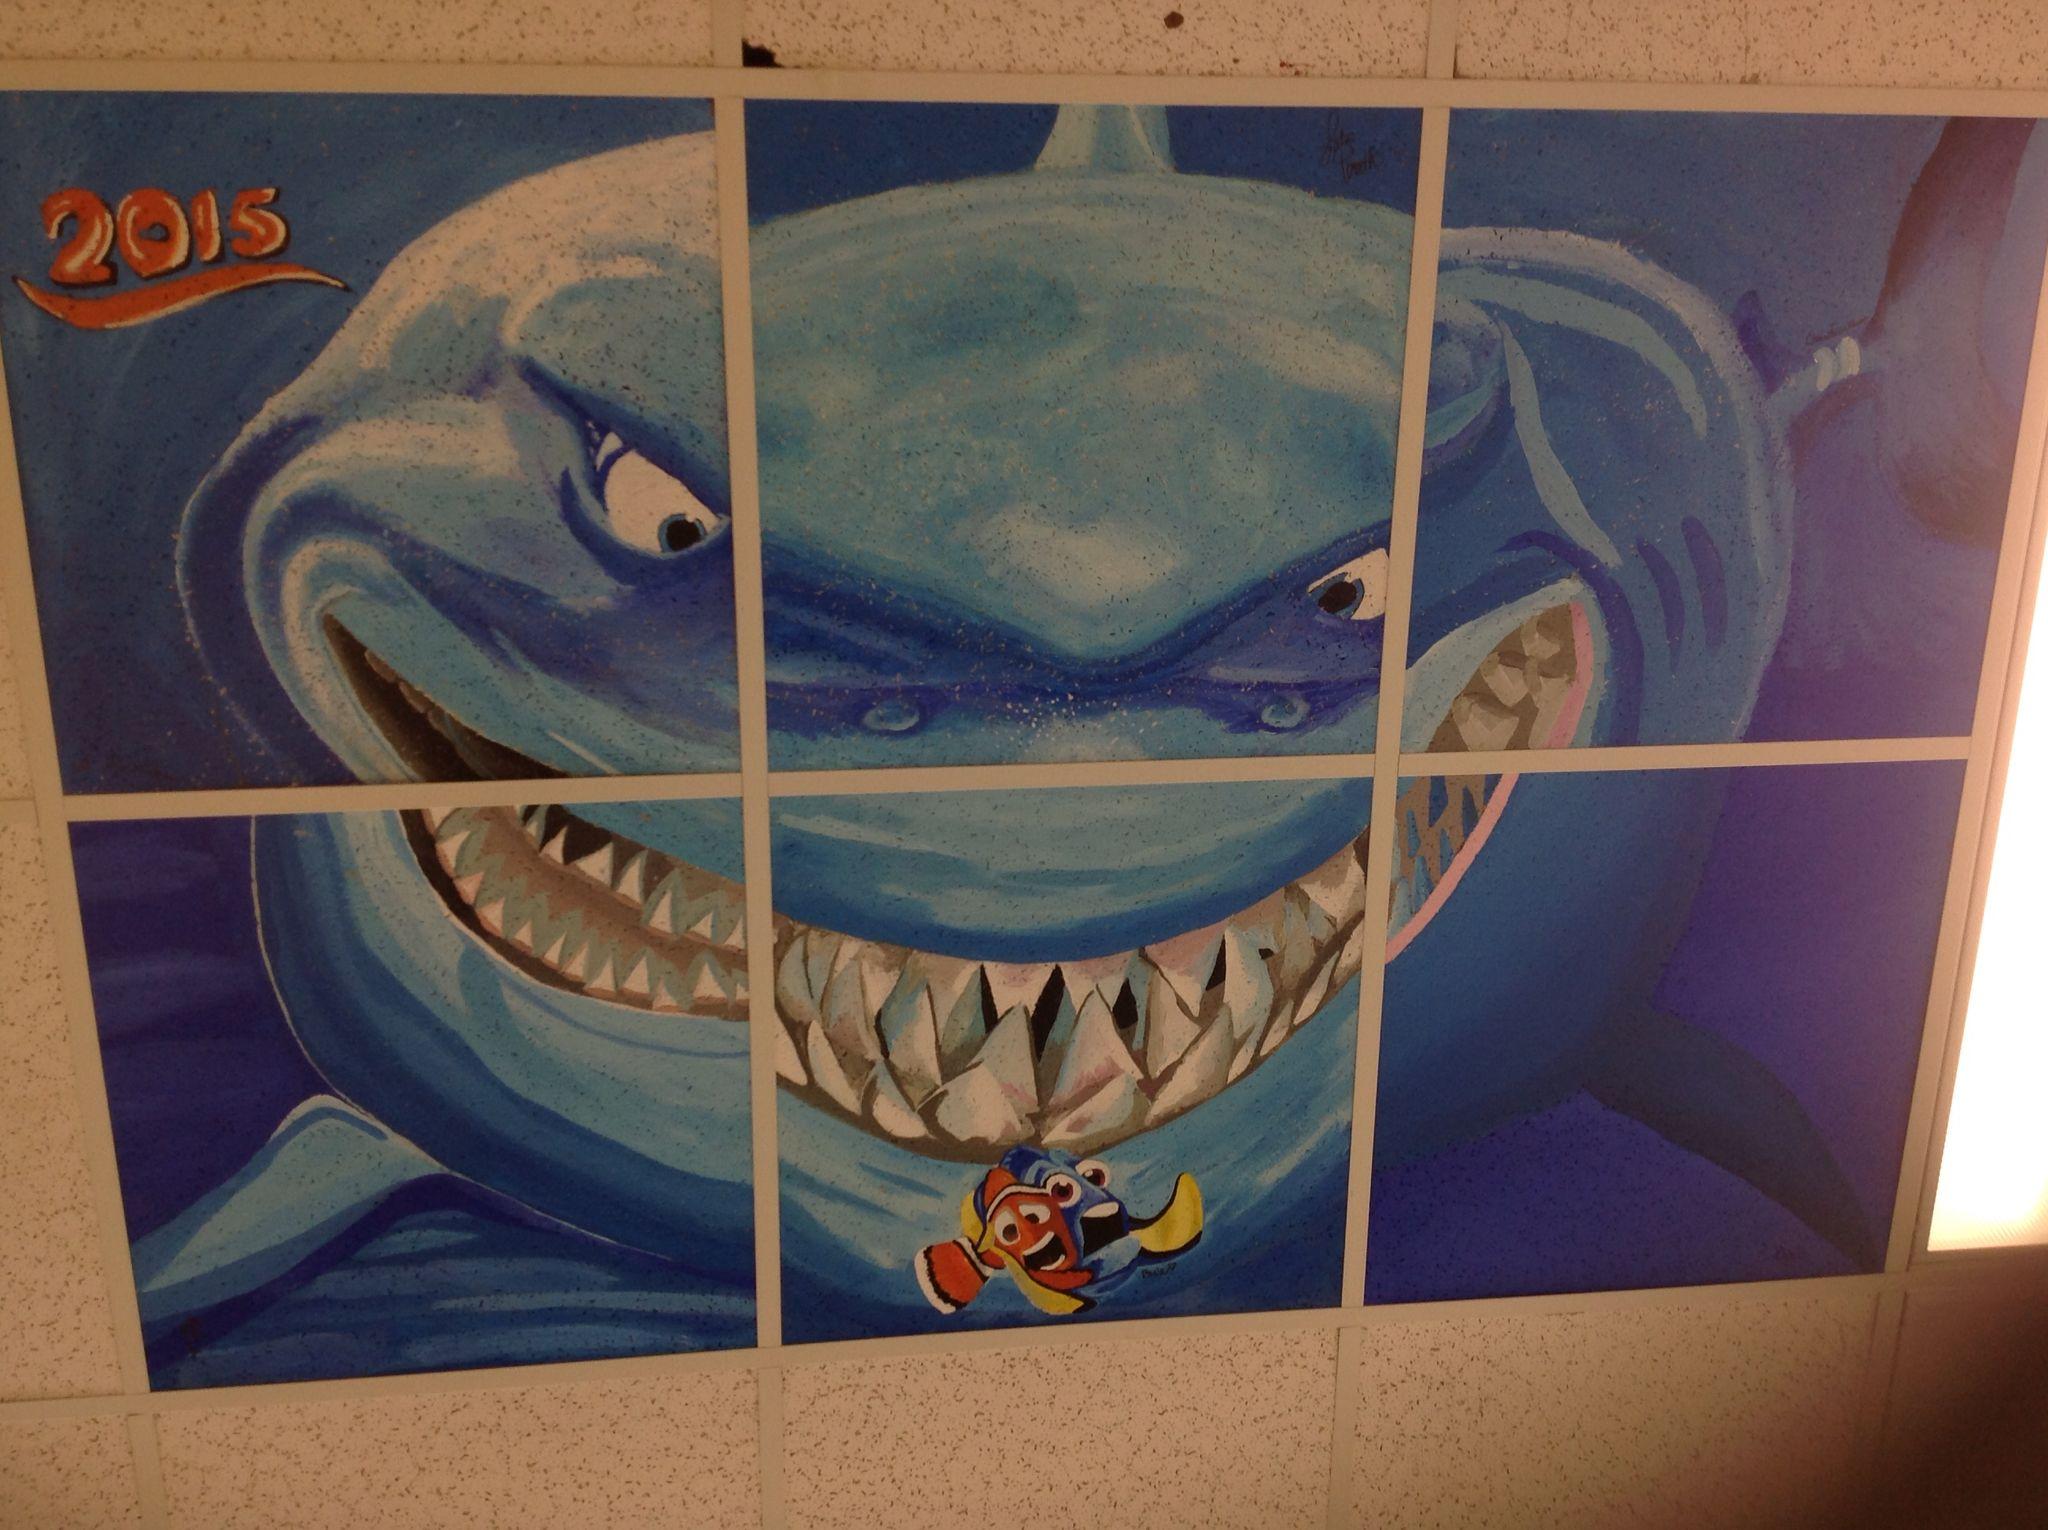 Ceiling tile mural art inspiration pinterest ceiling tiles ceiling tile mural dailygadgetfo Choice Image